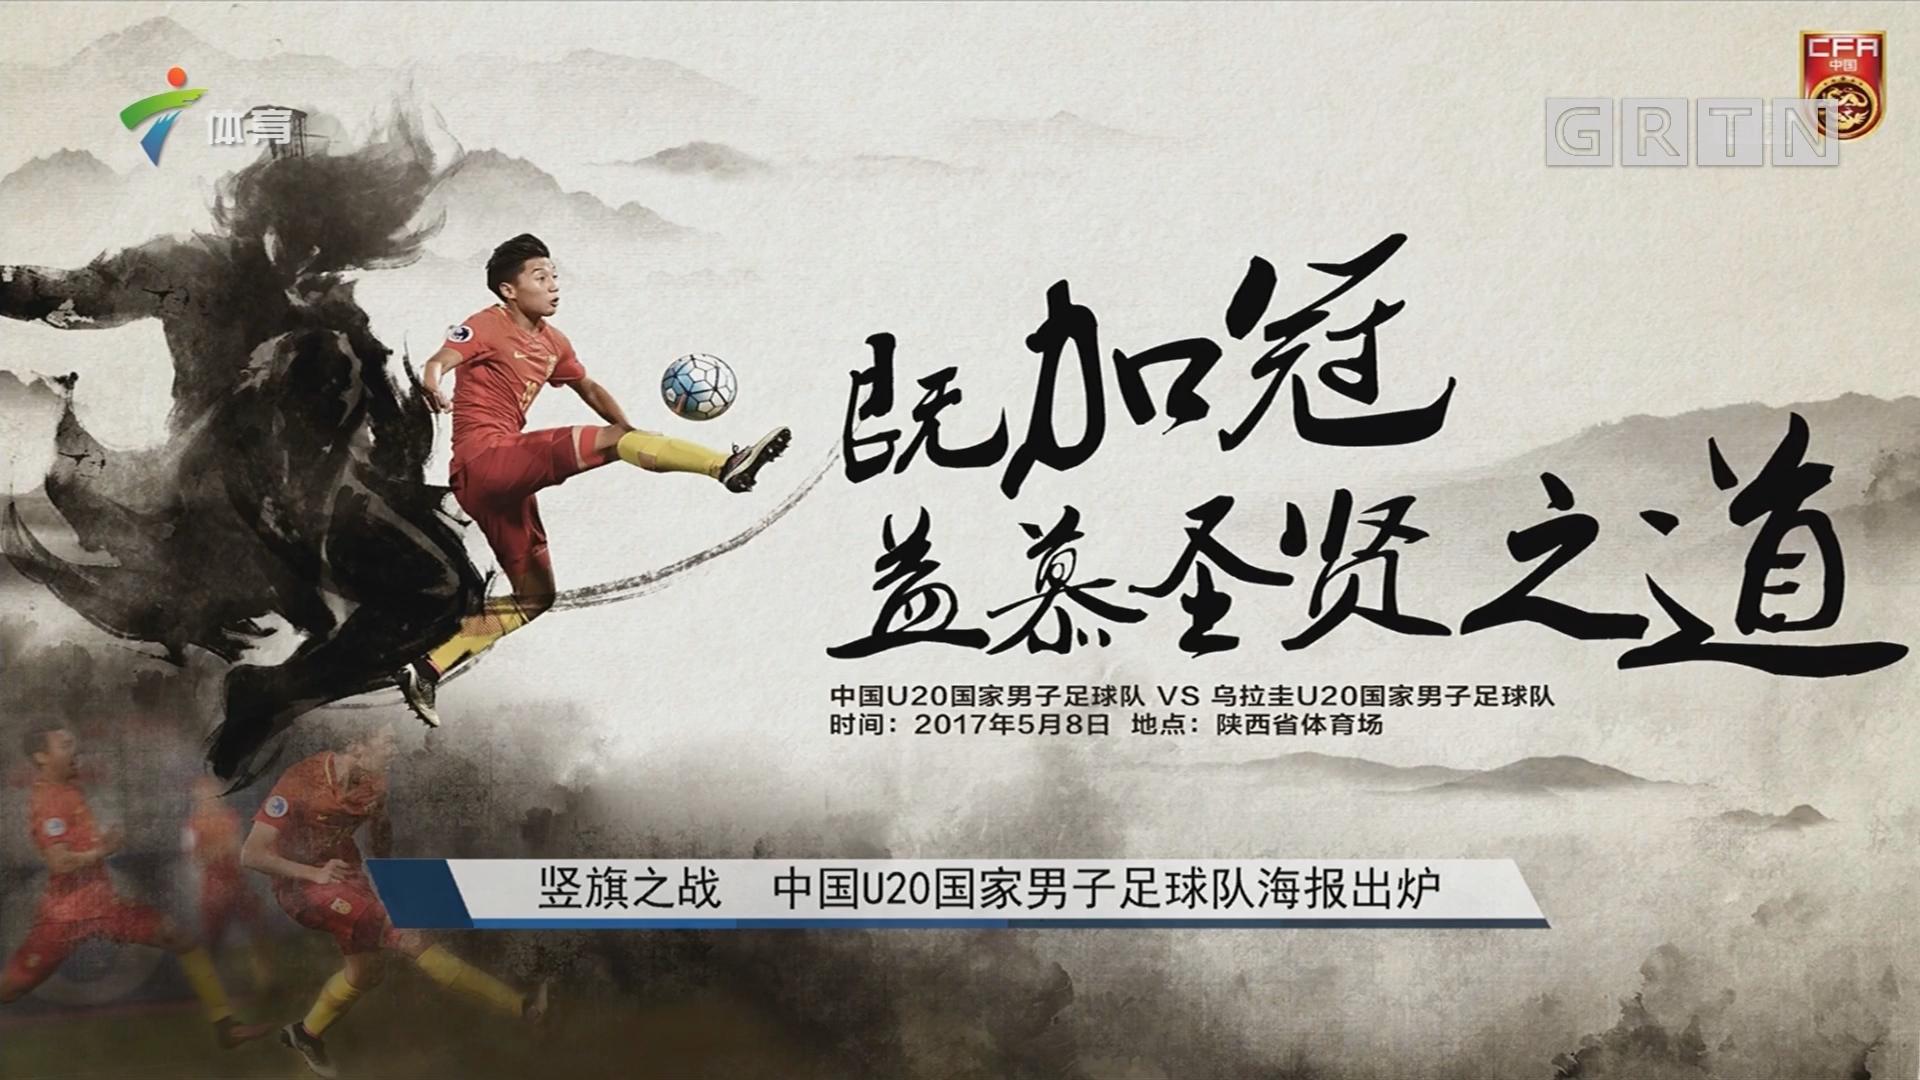 竖旗之战 中国u20国家男子足球队海报出炉